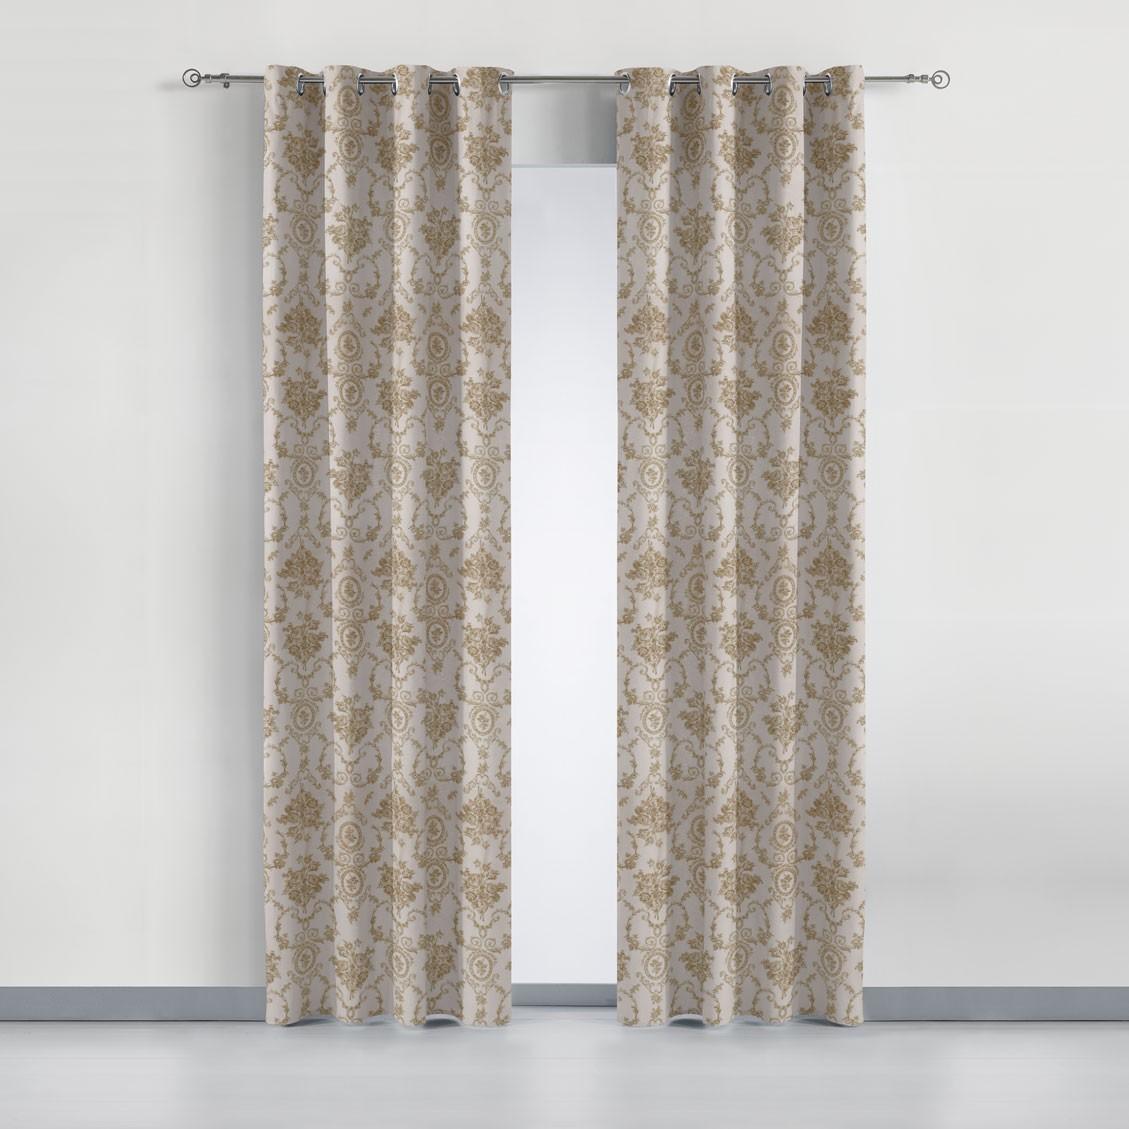 Bonito cortinas de comedor modernas im genes cortinas - Cortinas comedor modernas ...